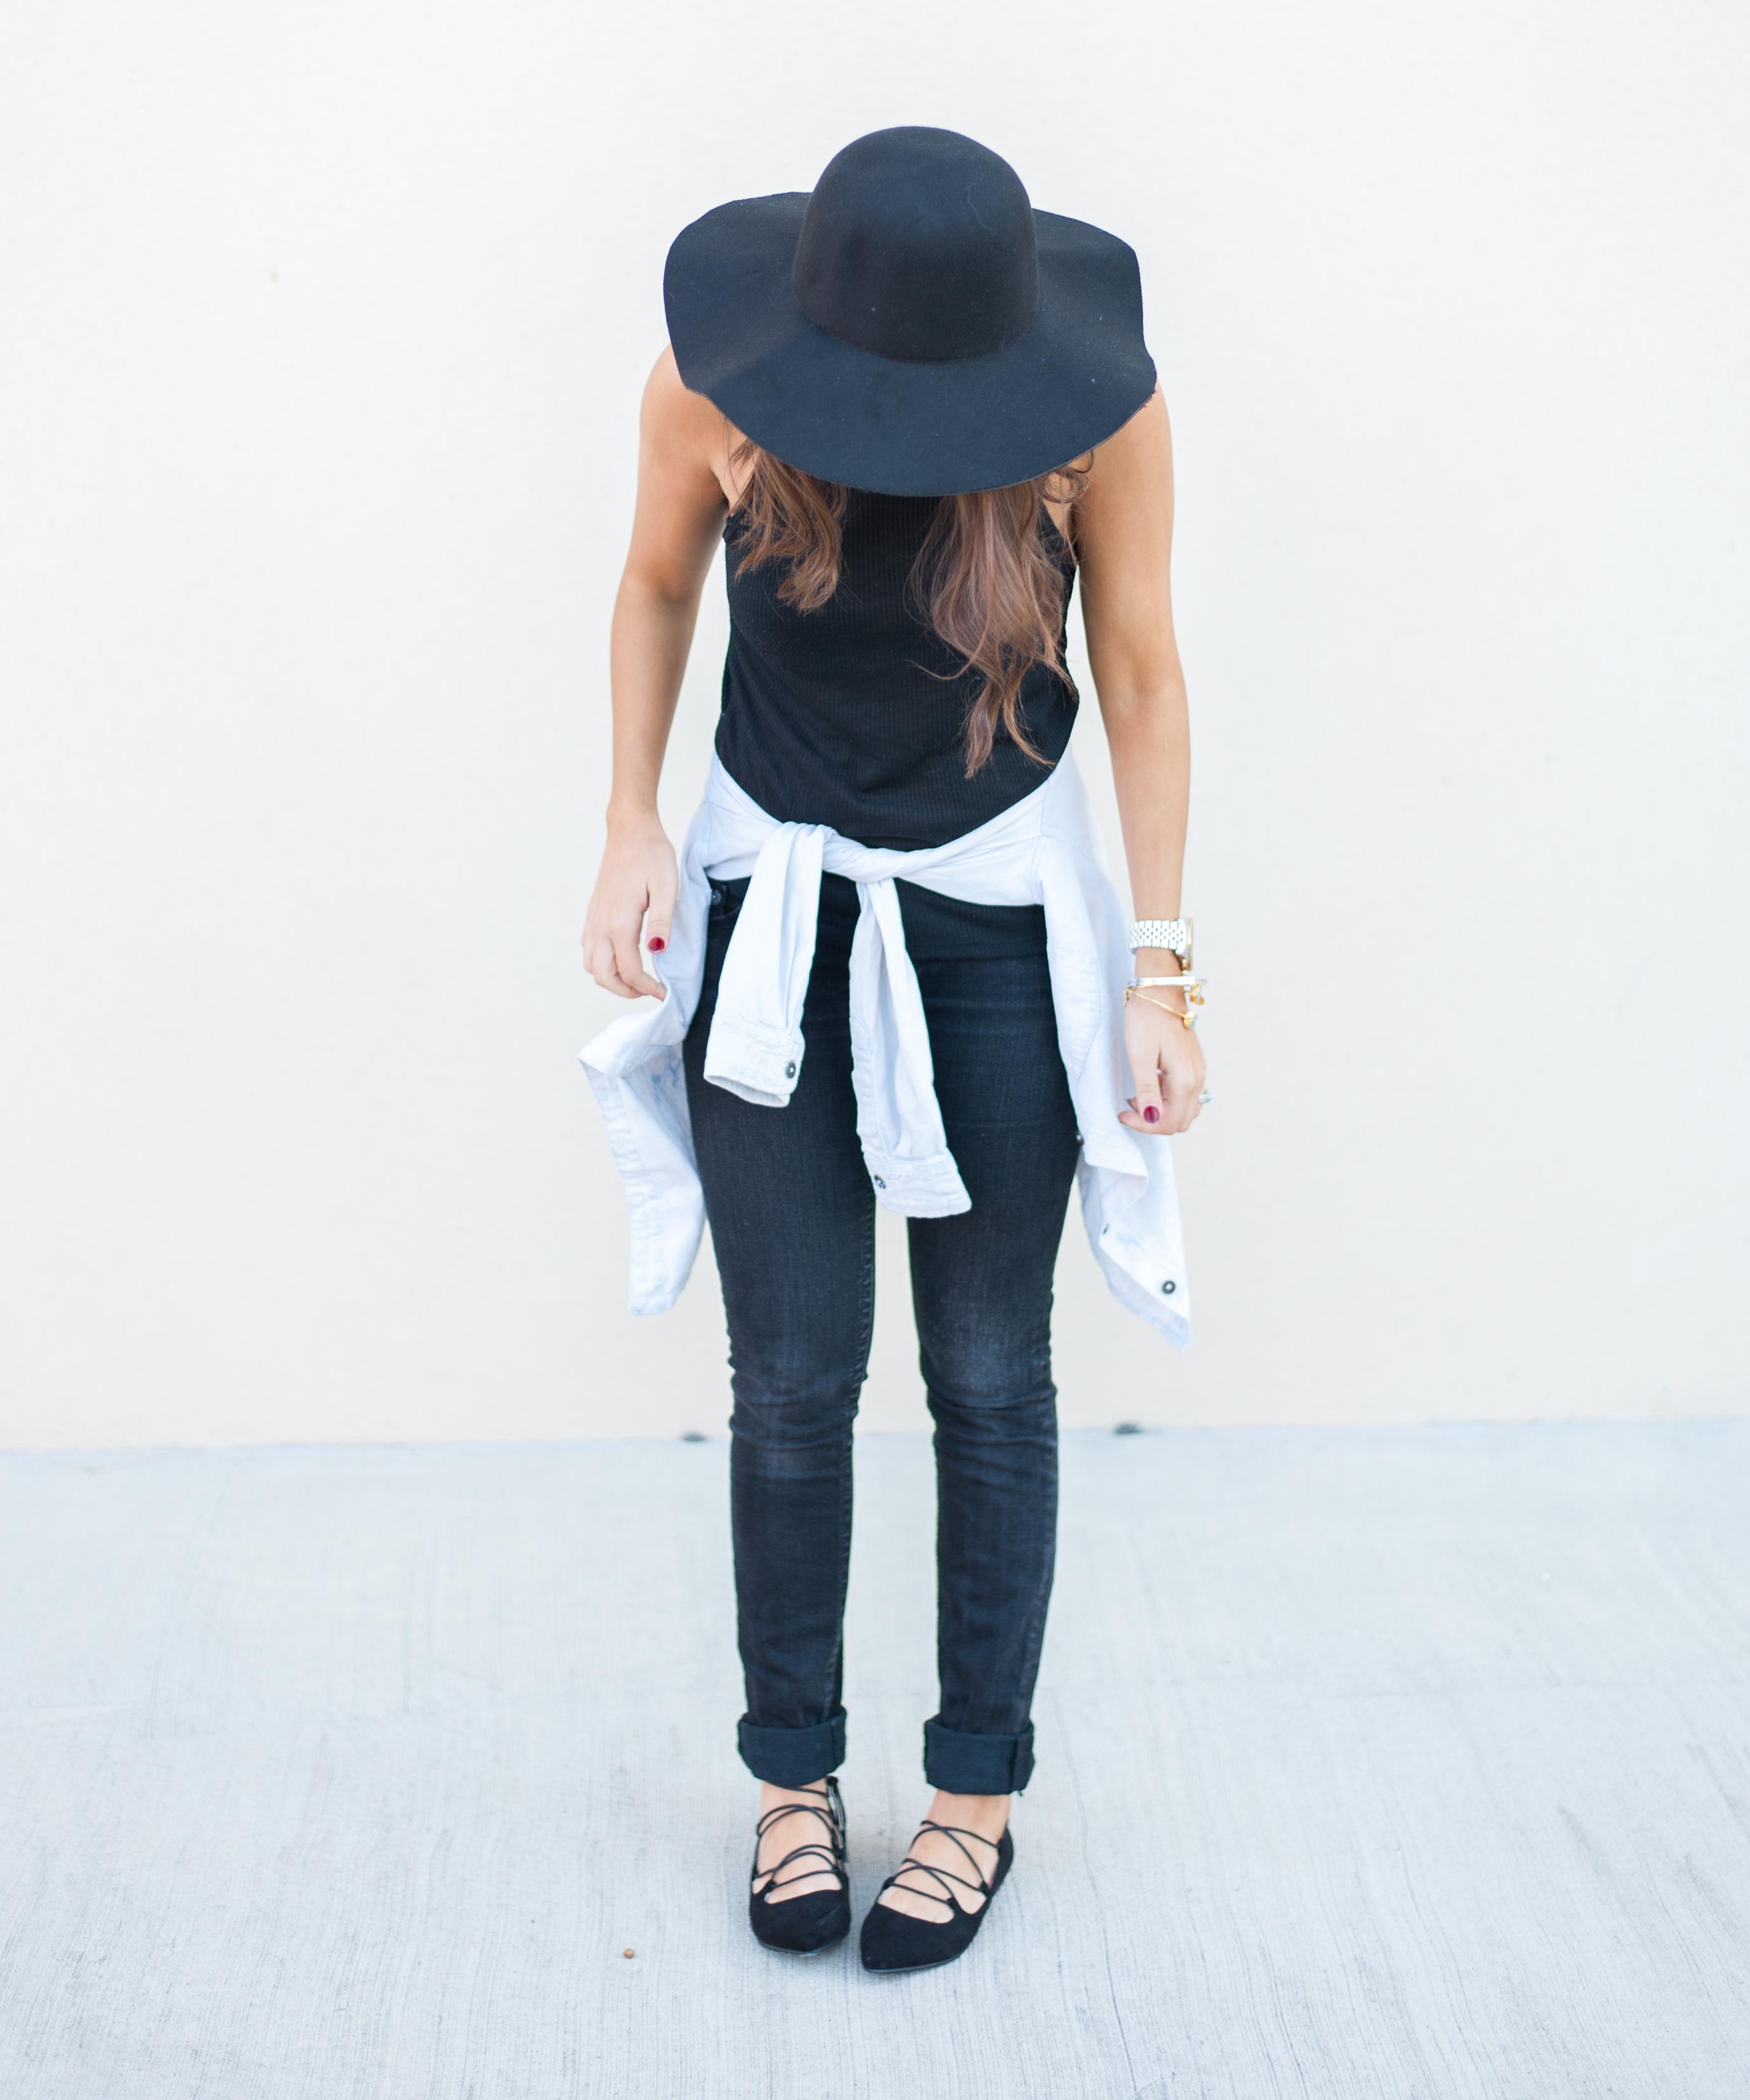 dress_up_buttercup_dede_raad_all_black_topshop_highneck (4 of 13)